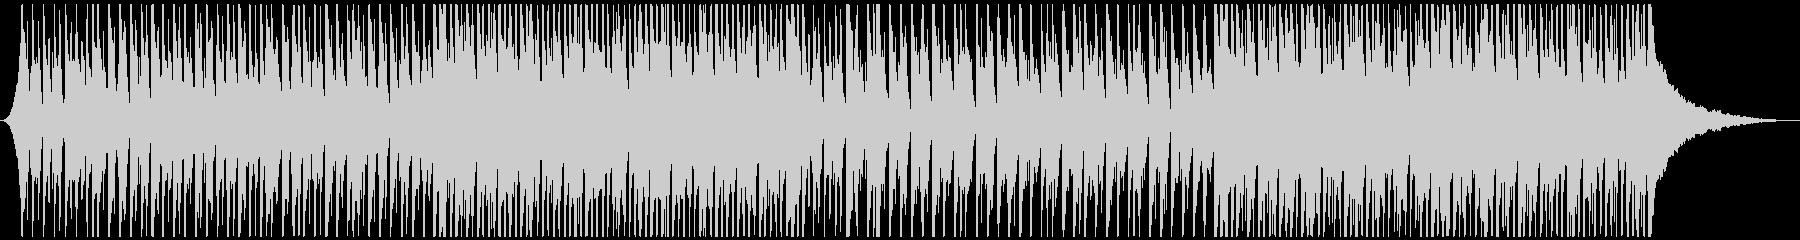 かわいいウクレレと鉄琴のハッピーチューンの未再生の波形